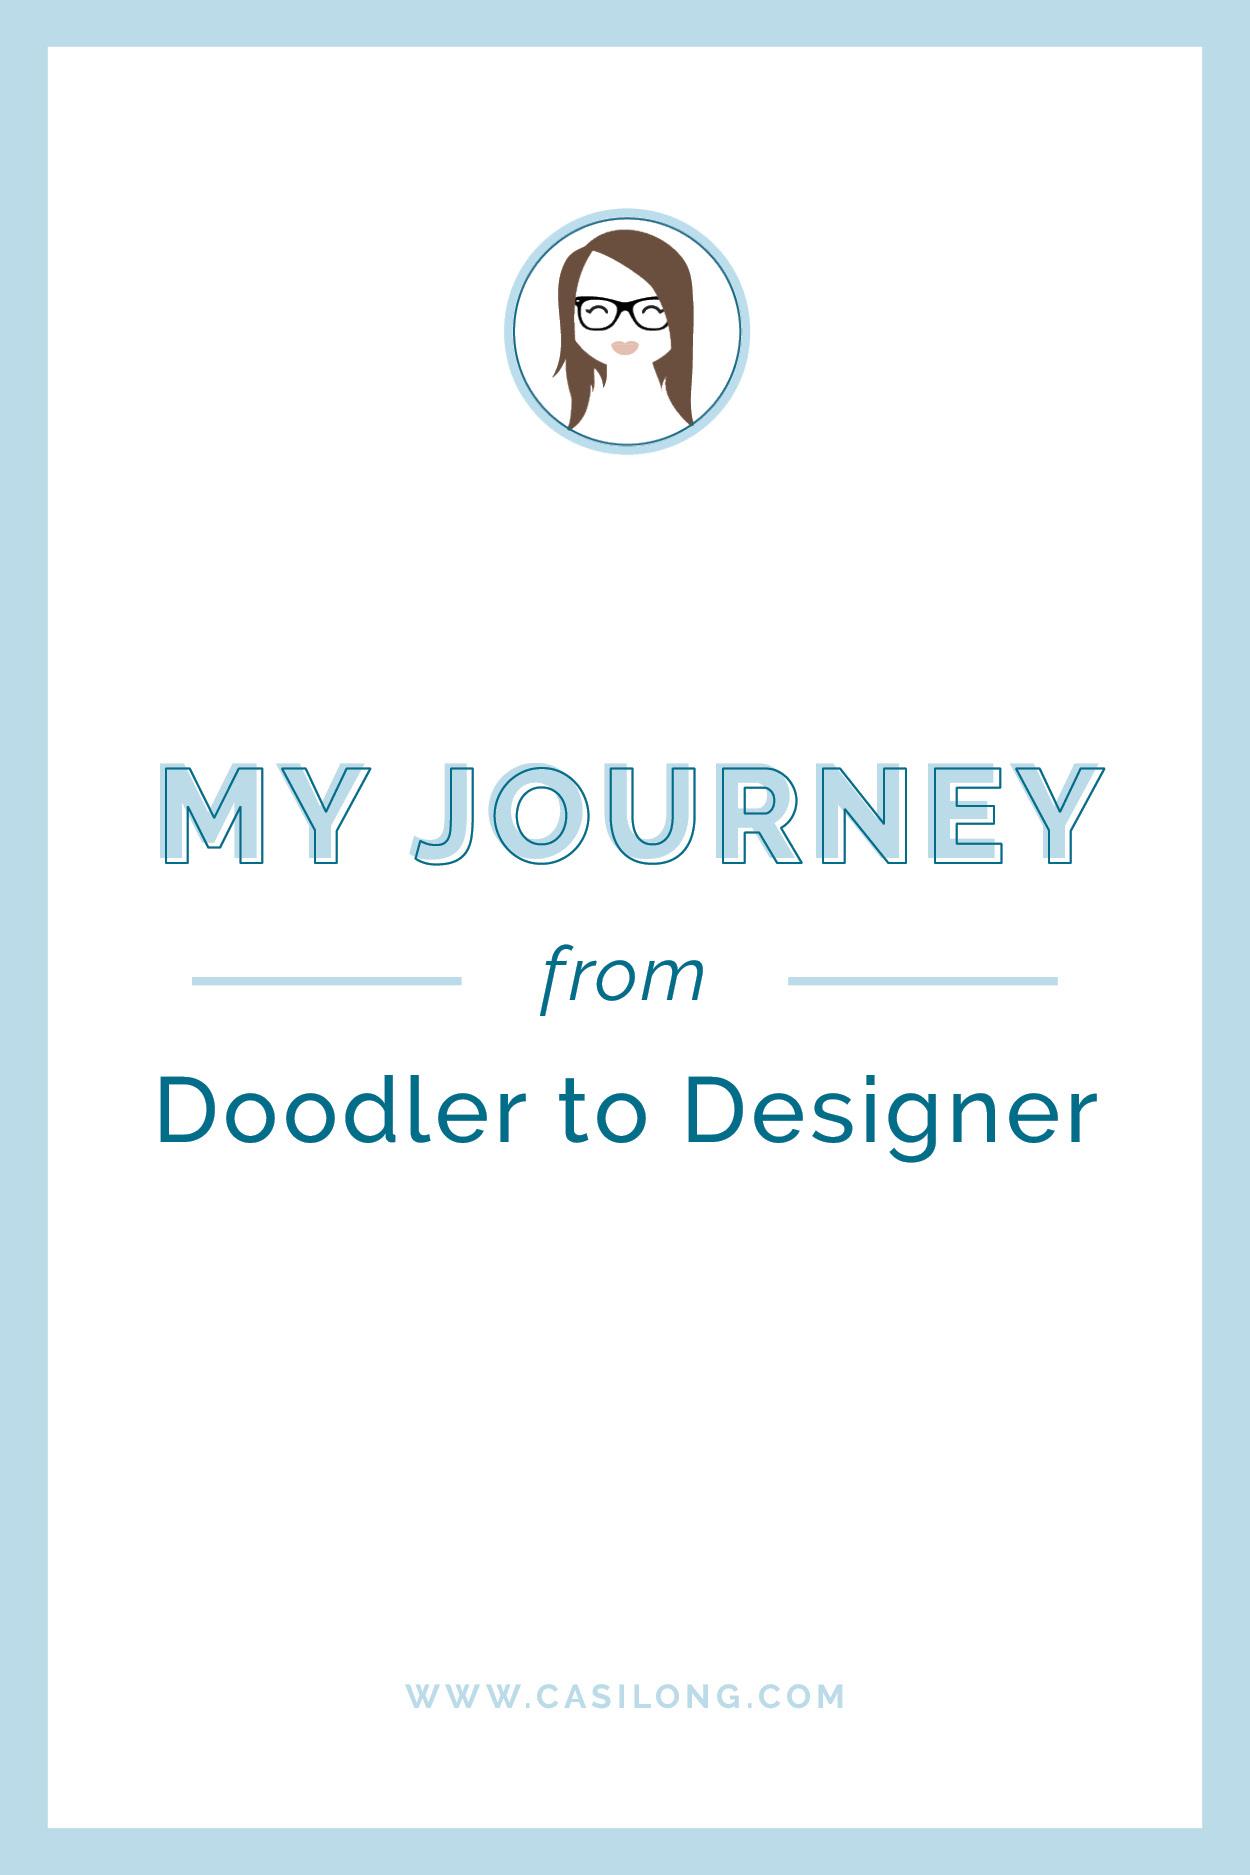 My Journey from doodler to designer   casilong.com/blog